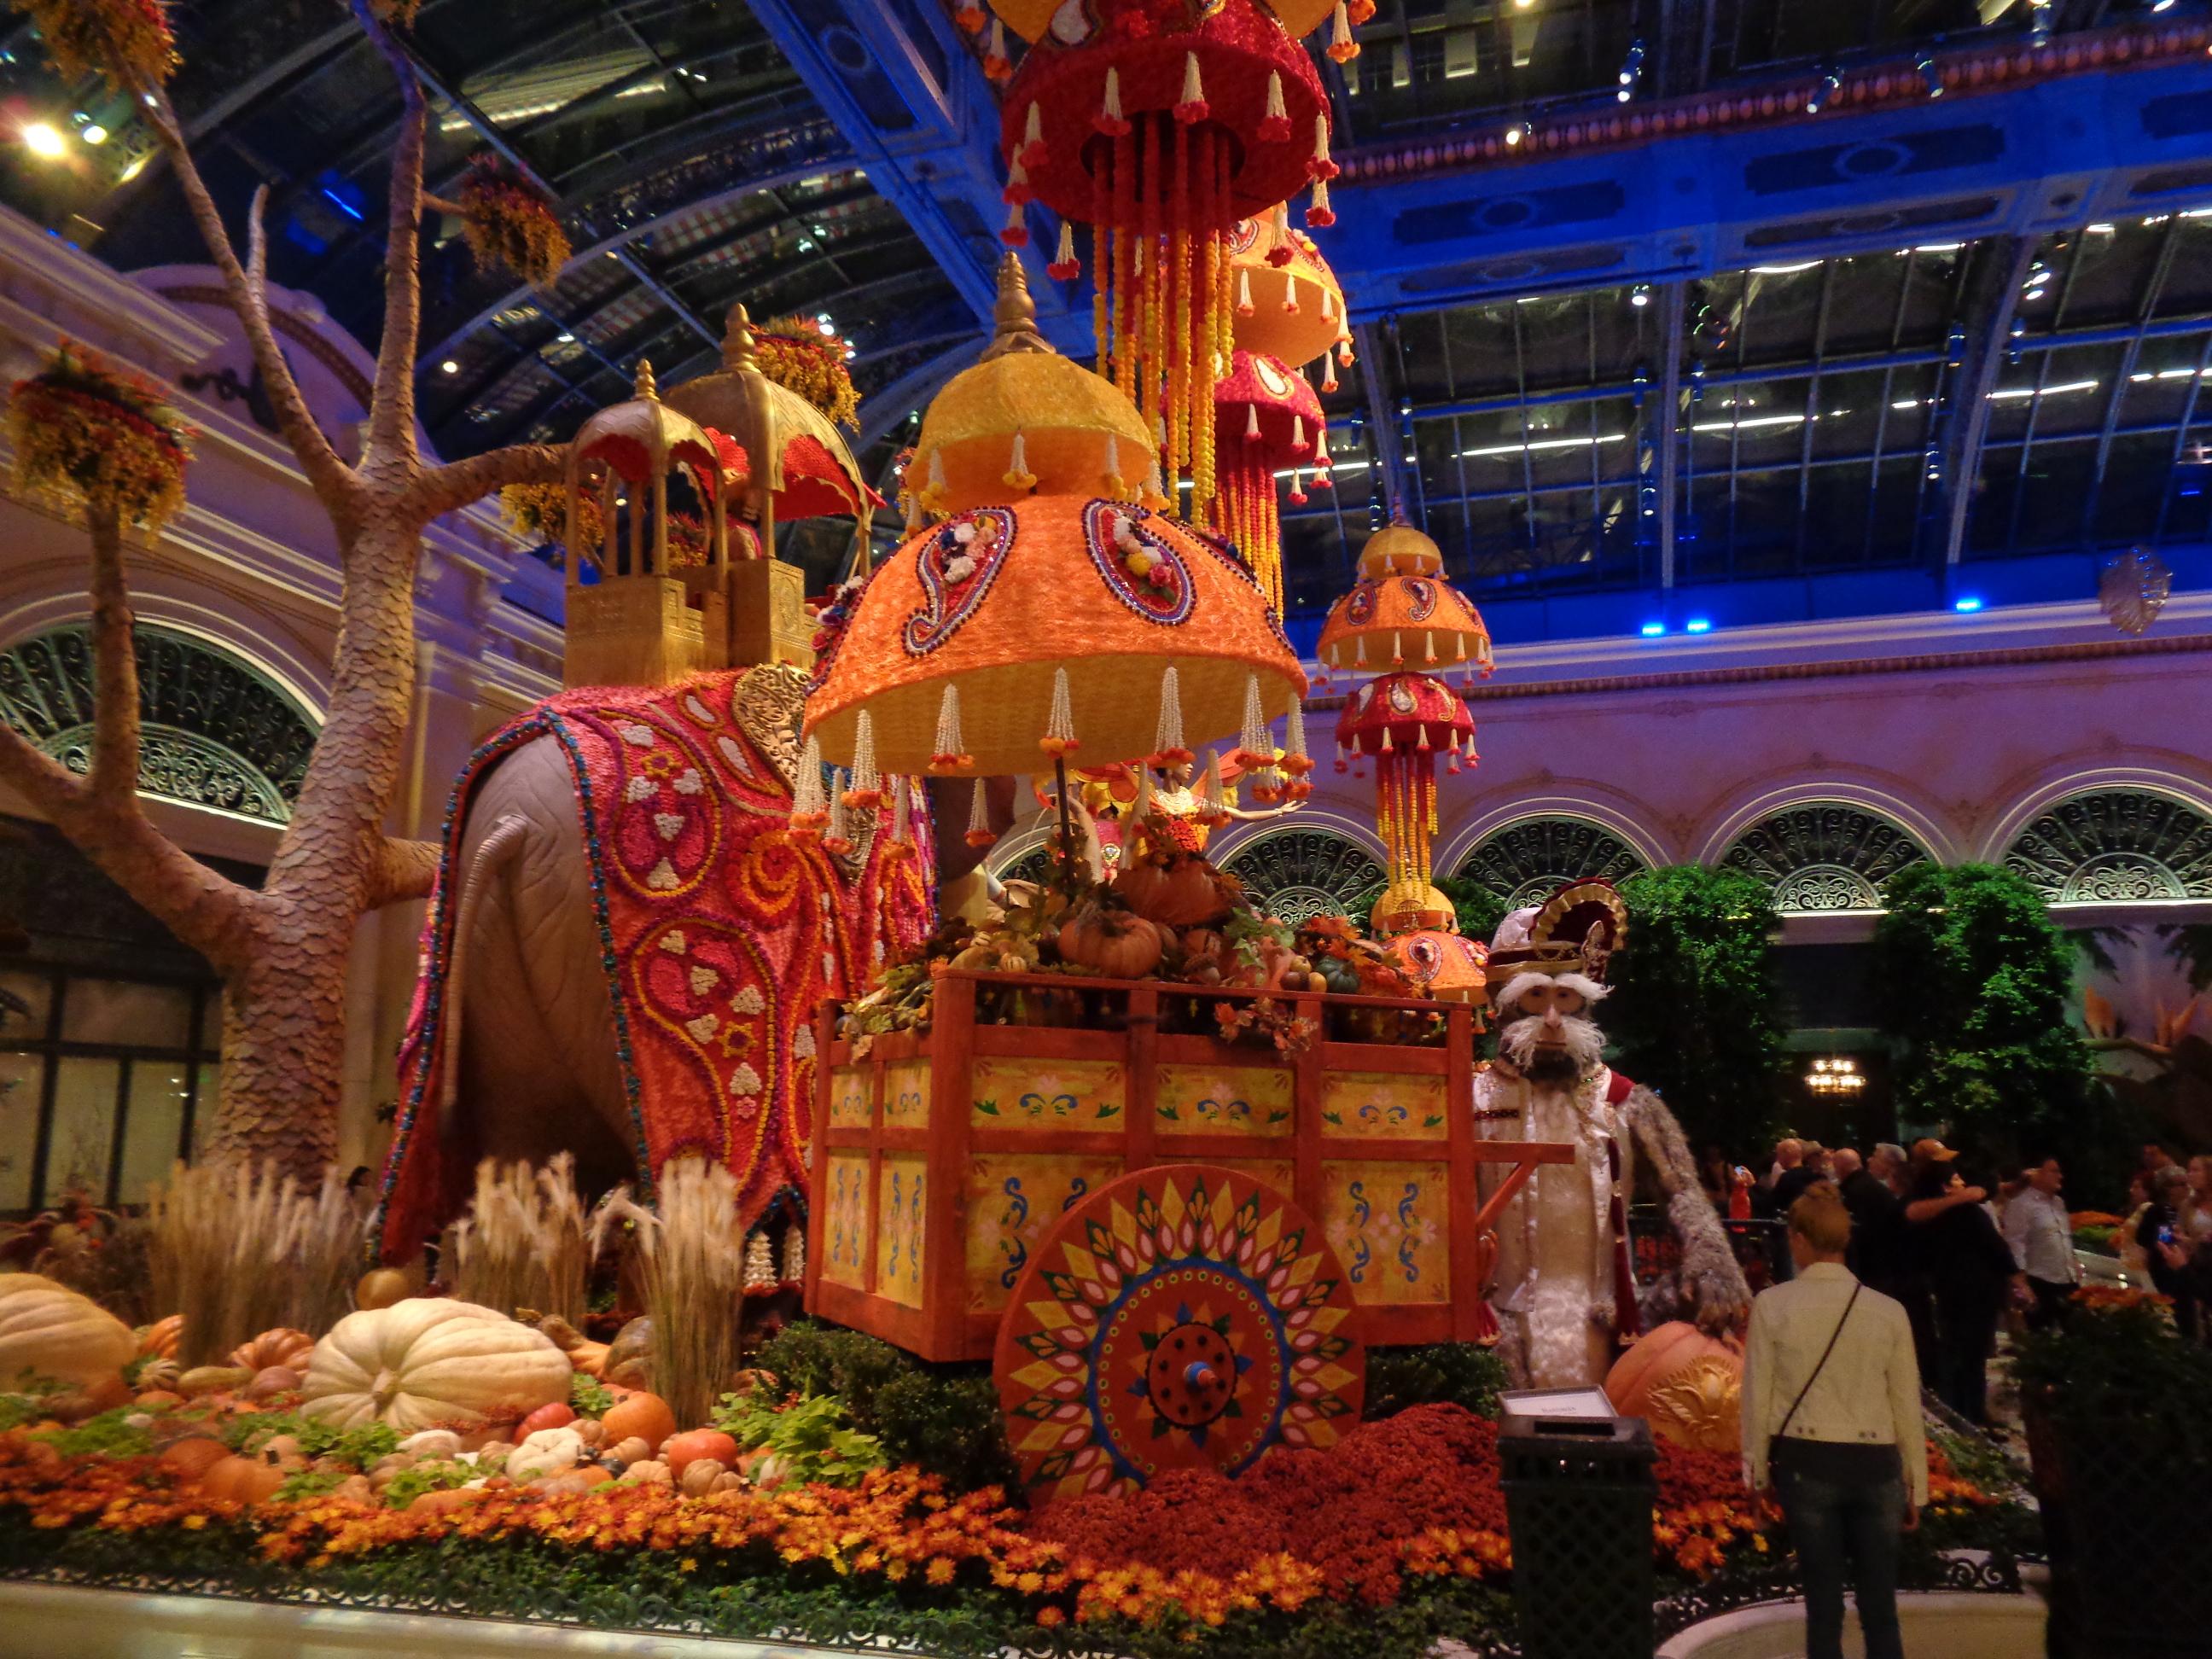 Bellagio Atrium Christmas 2020 Bellagio Conservatory Reduces the Number of Displays in 2020